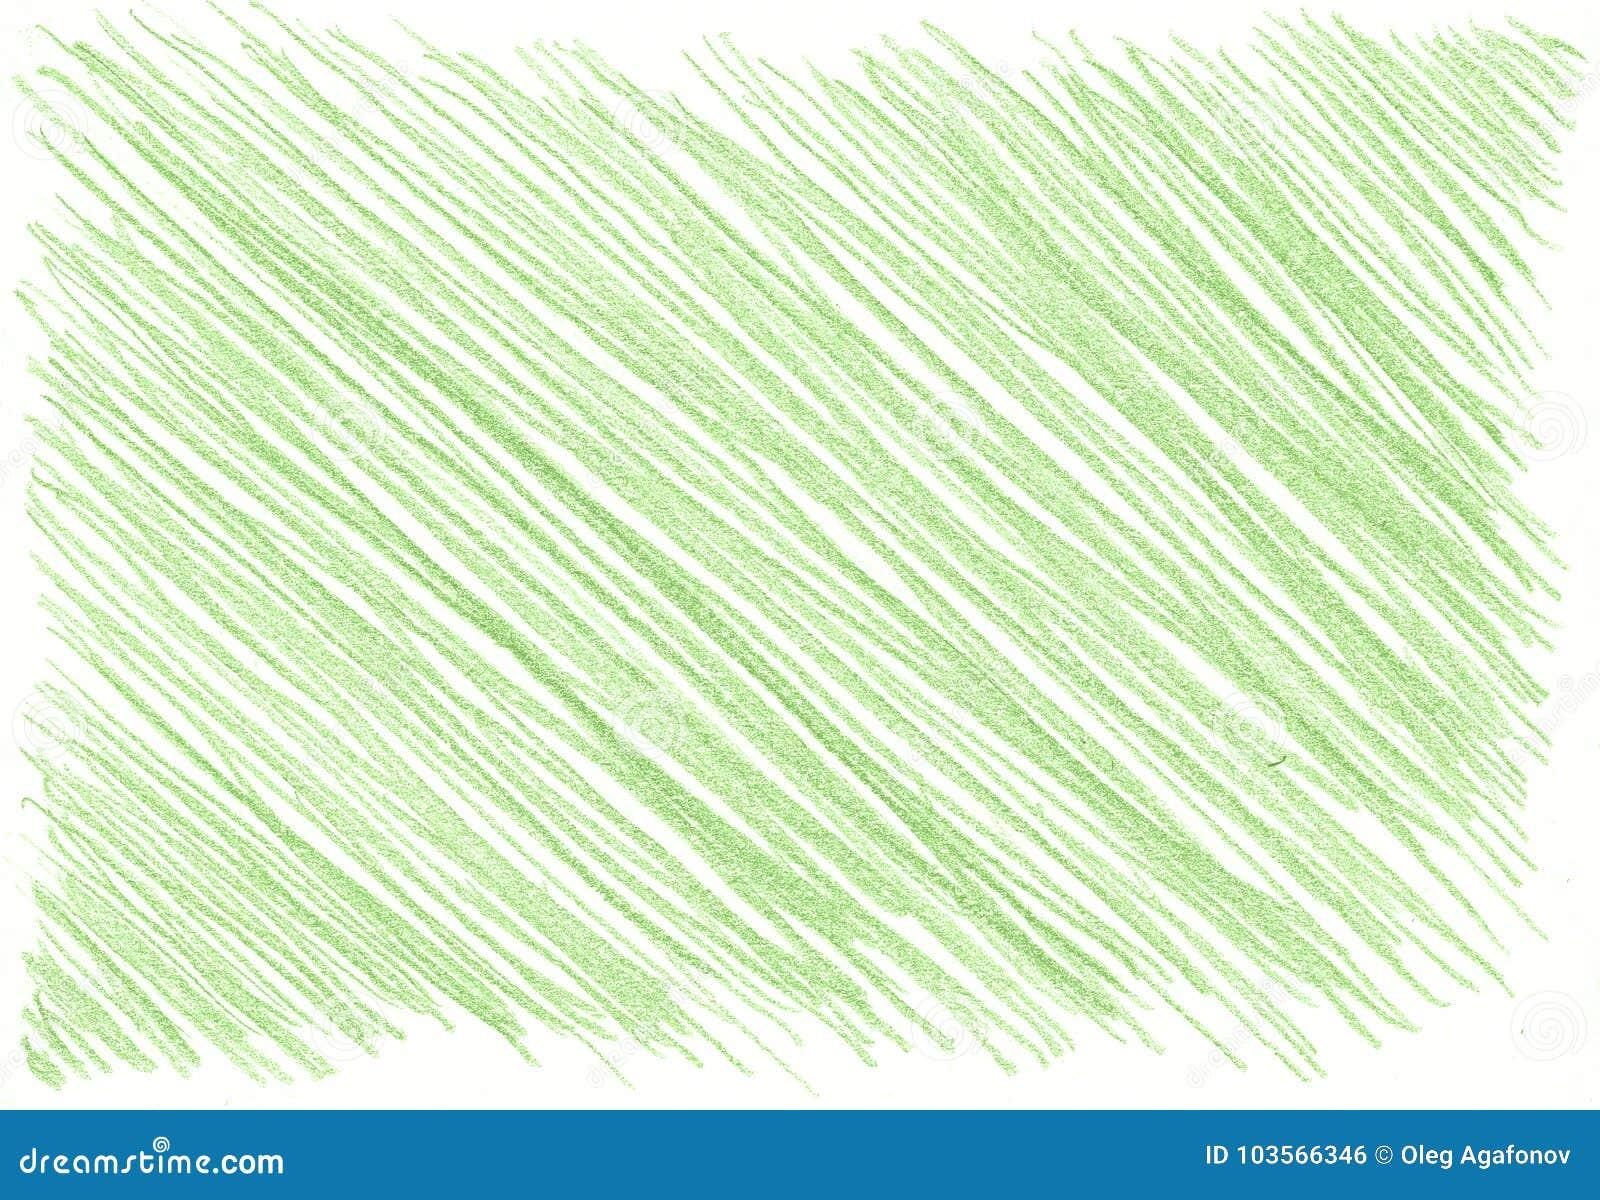 Grüner organischer natürlicher Hintergrund mit eco Bleistiftschmutz-Holzkohlenbeschaffenheit